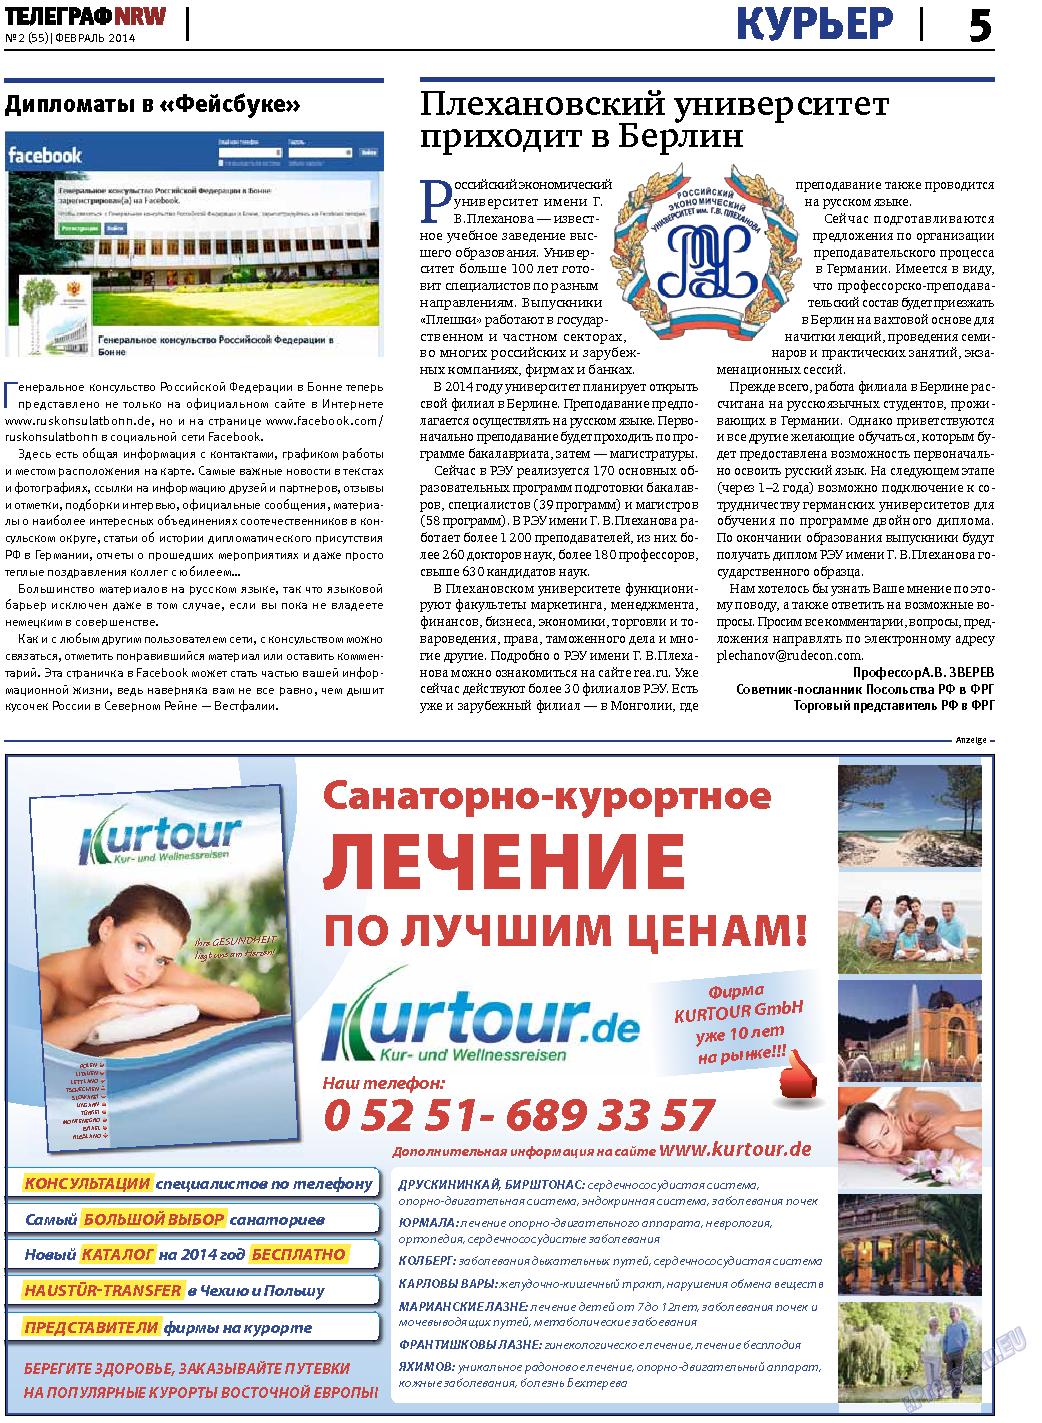 Телеграф NRW (газета). 2014 год, номер 2, стр. 5